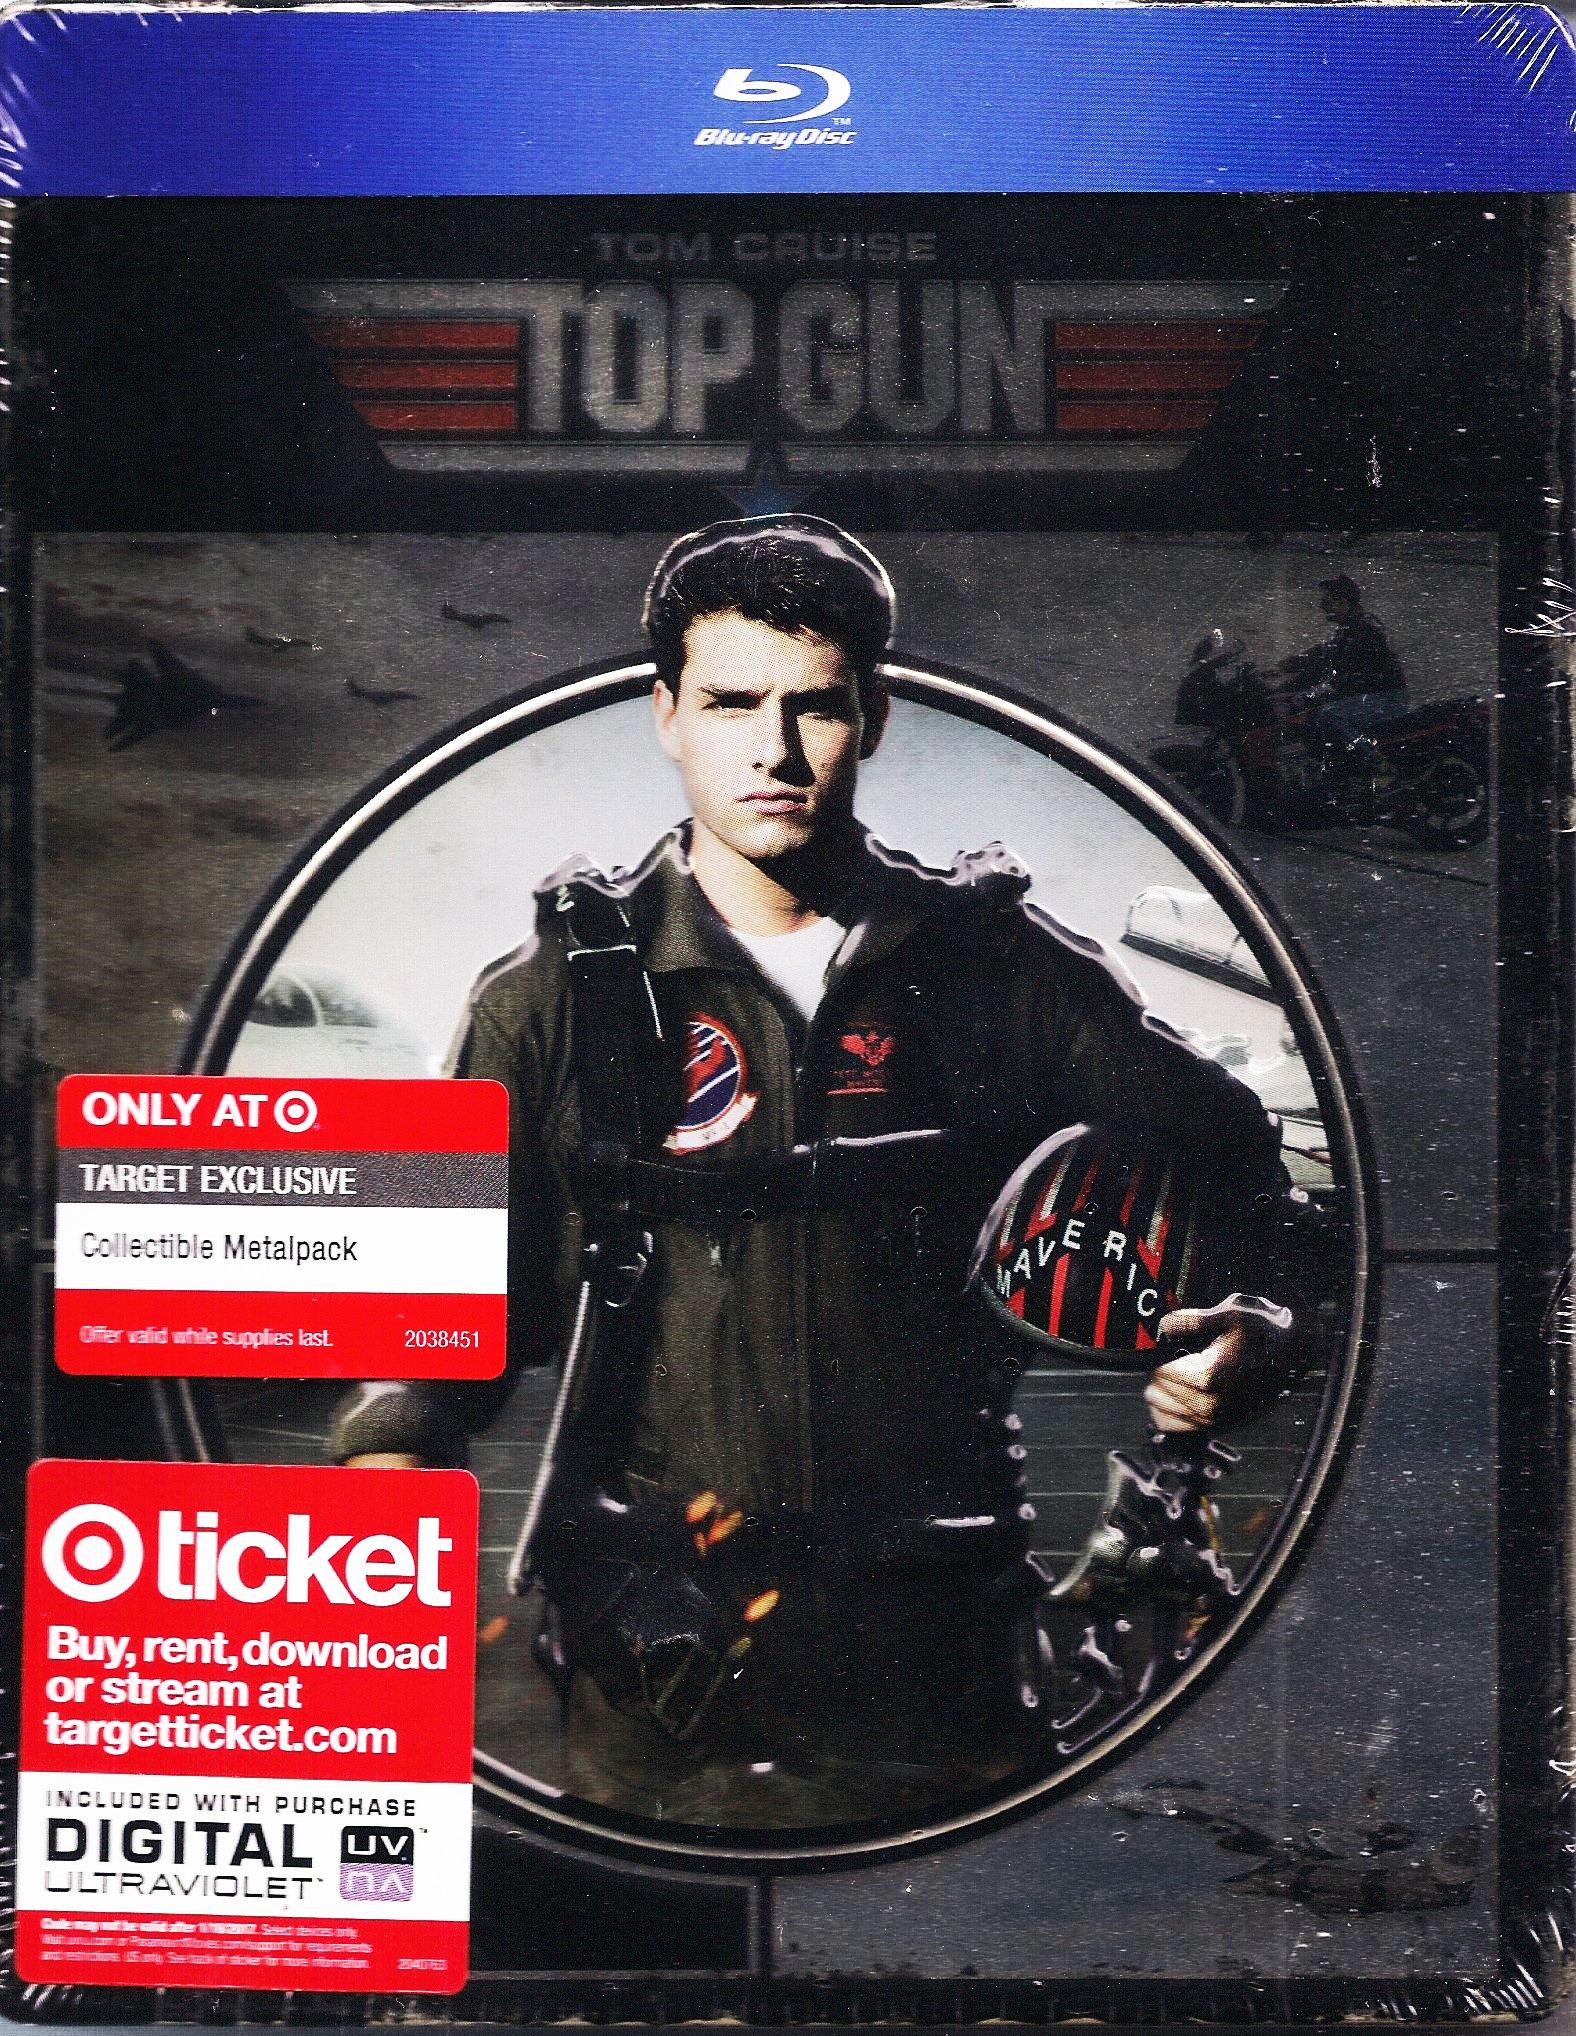 Top Gun (Blu-ray Metalpak) (Target Exclusive Embossed Metalpak; like Steelbook; Very Rare OOP)